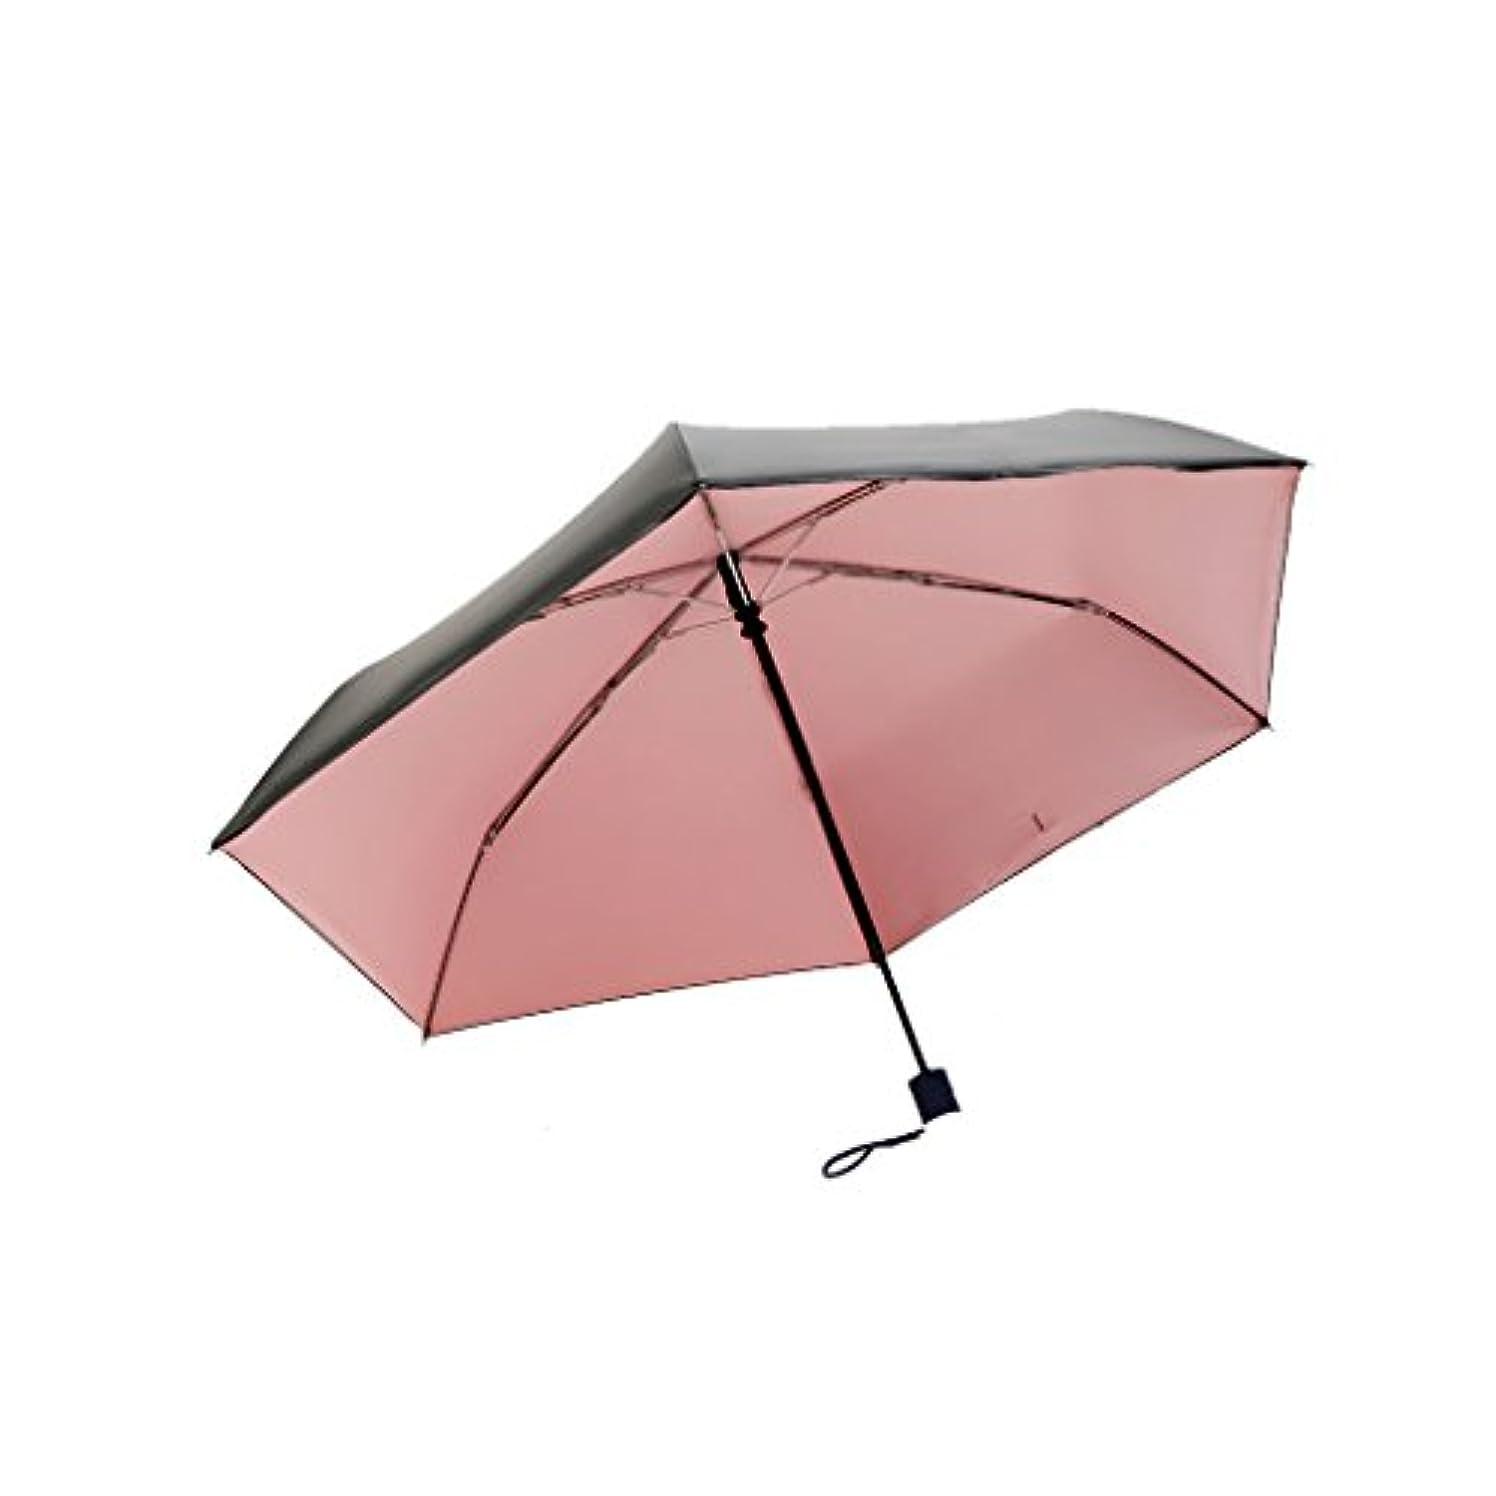 組み立てる咲く滅びる旅行用傘 折りたたみ傘 - パラソルUV保護日陰オープン強雨傘速乾性防風コンパクト旅行傘テフロンコーティング - 自動開閉ボタン UVカット